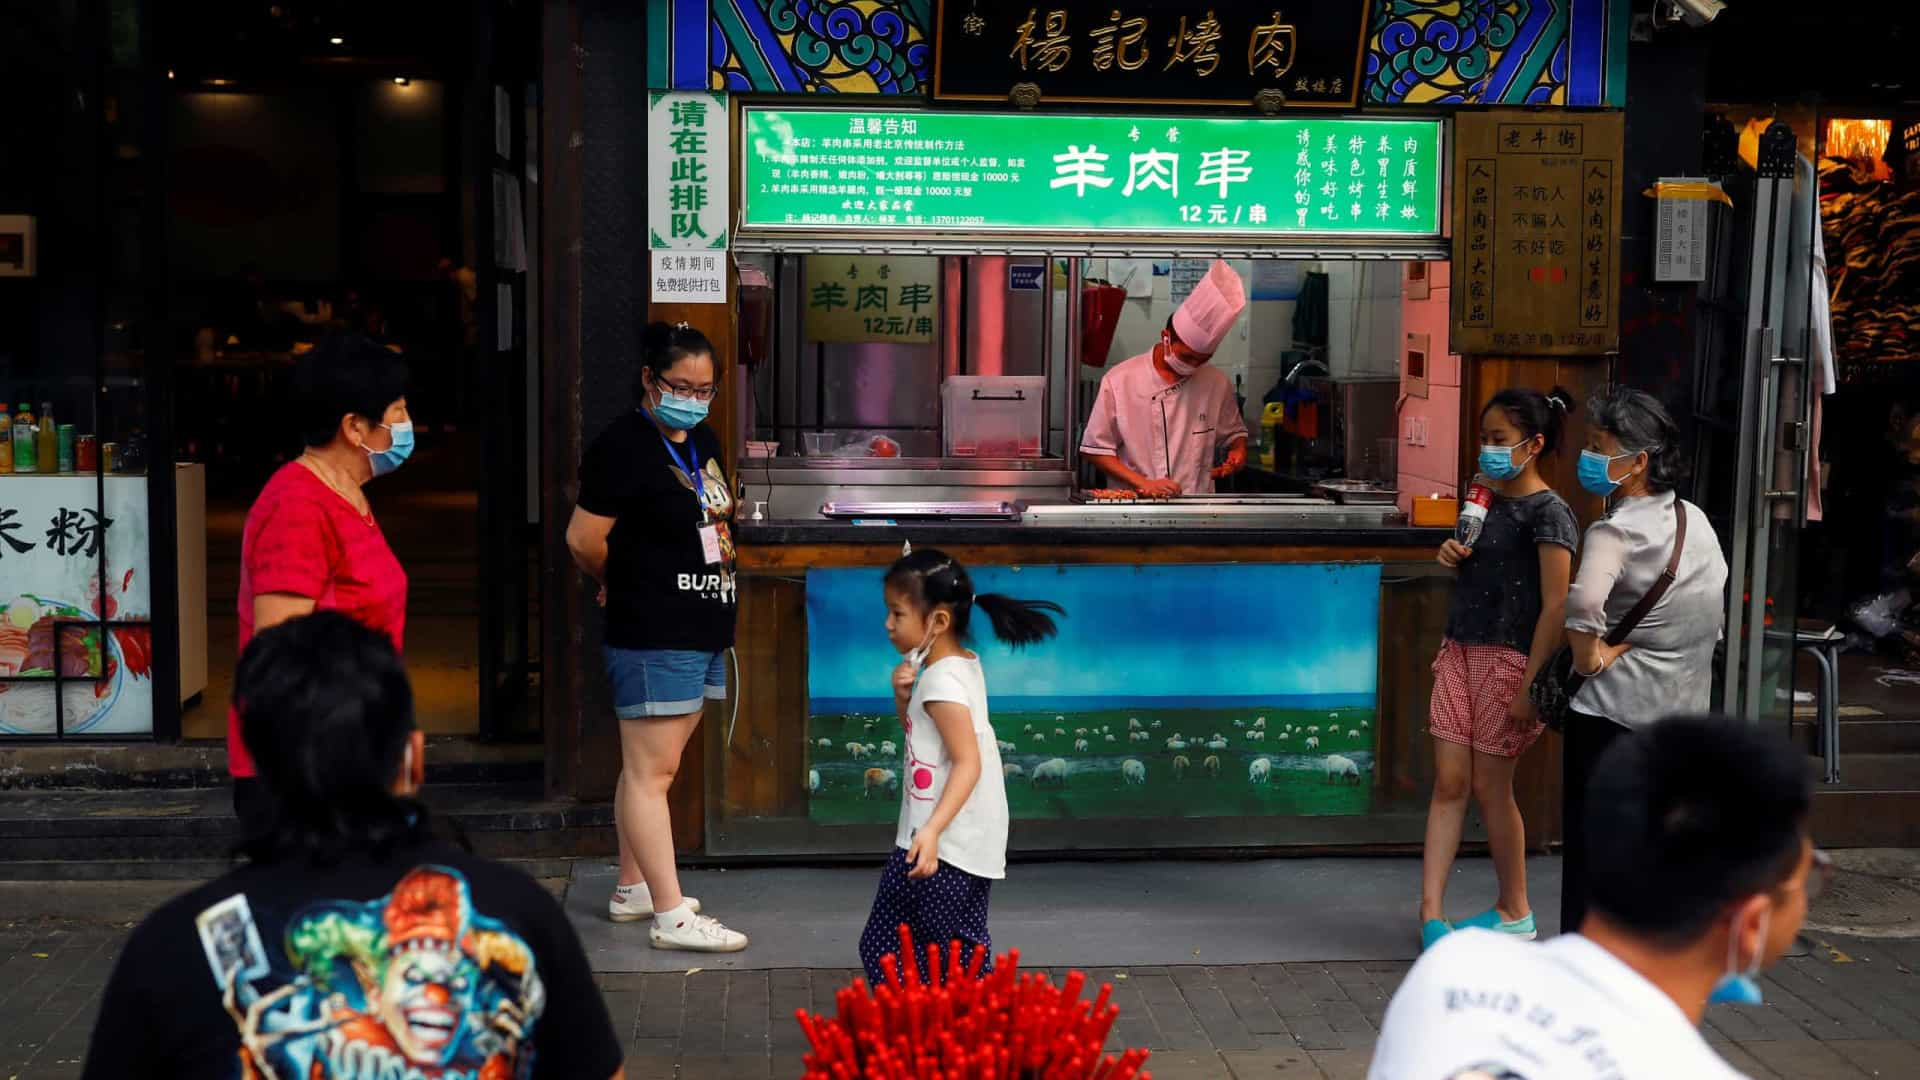 China com 3 novos casos nas últimas 24 h, 1 em Pequim e 2 importados